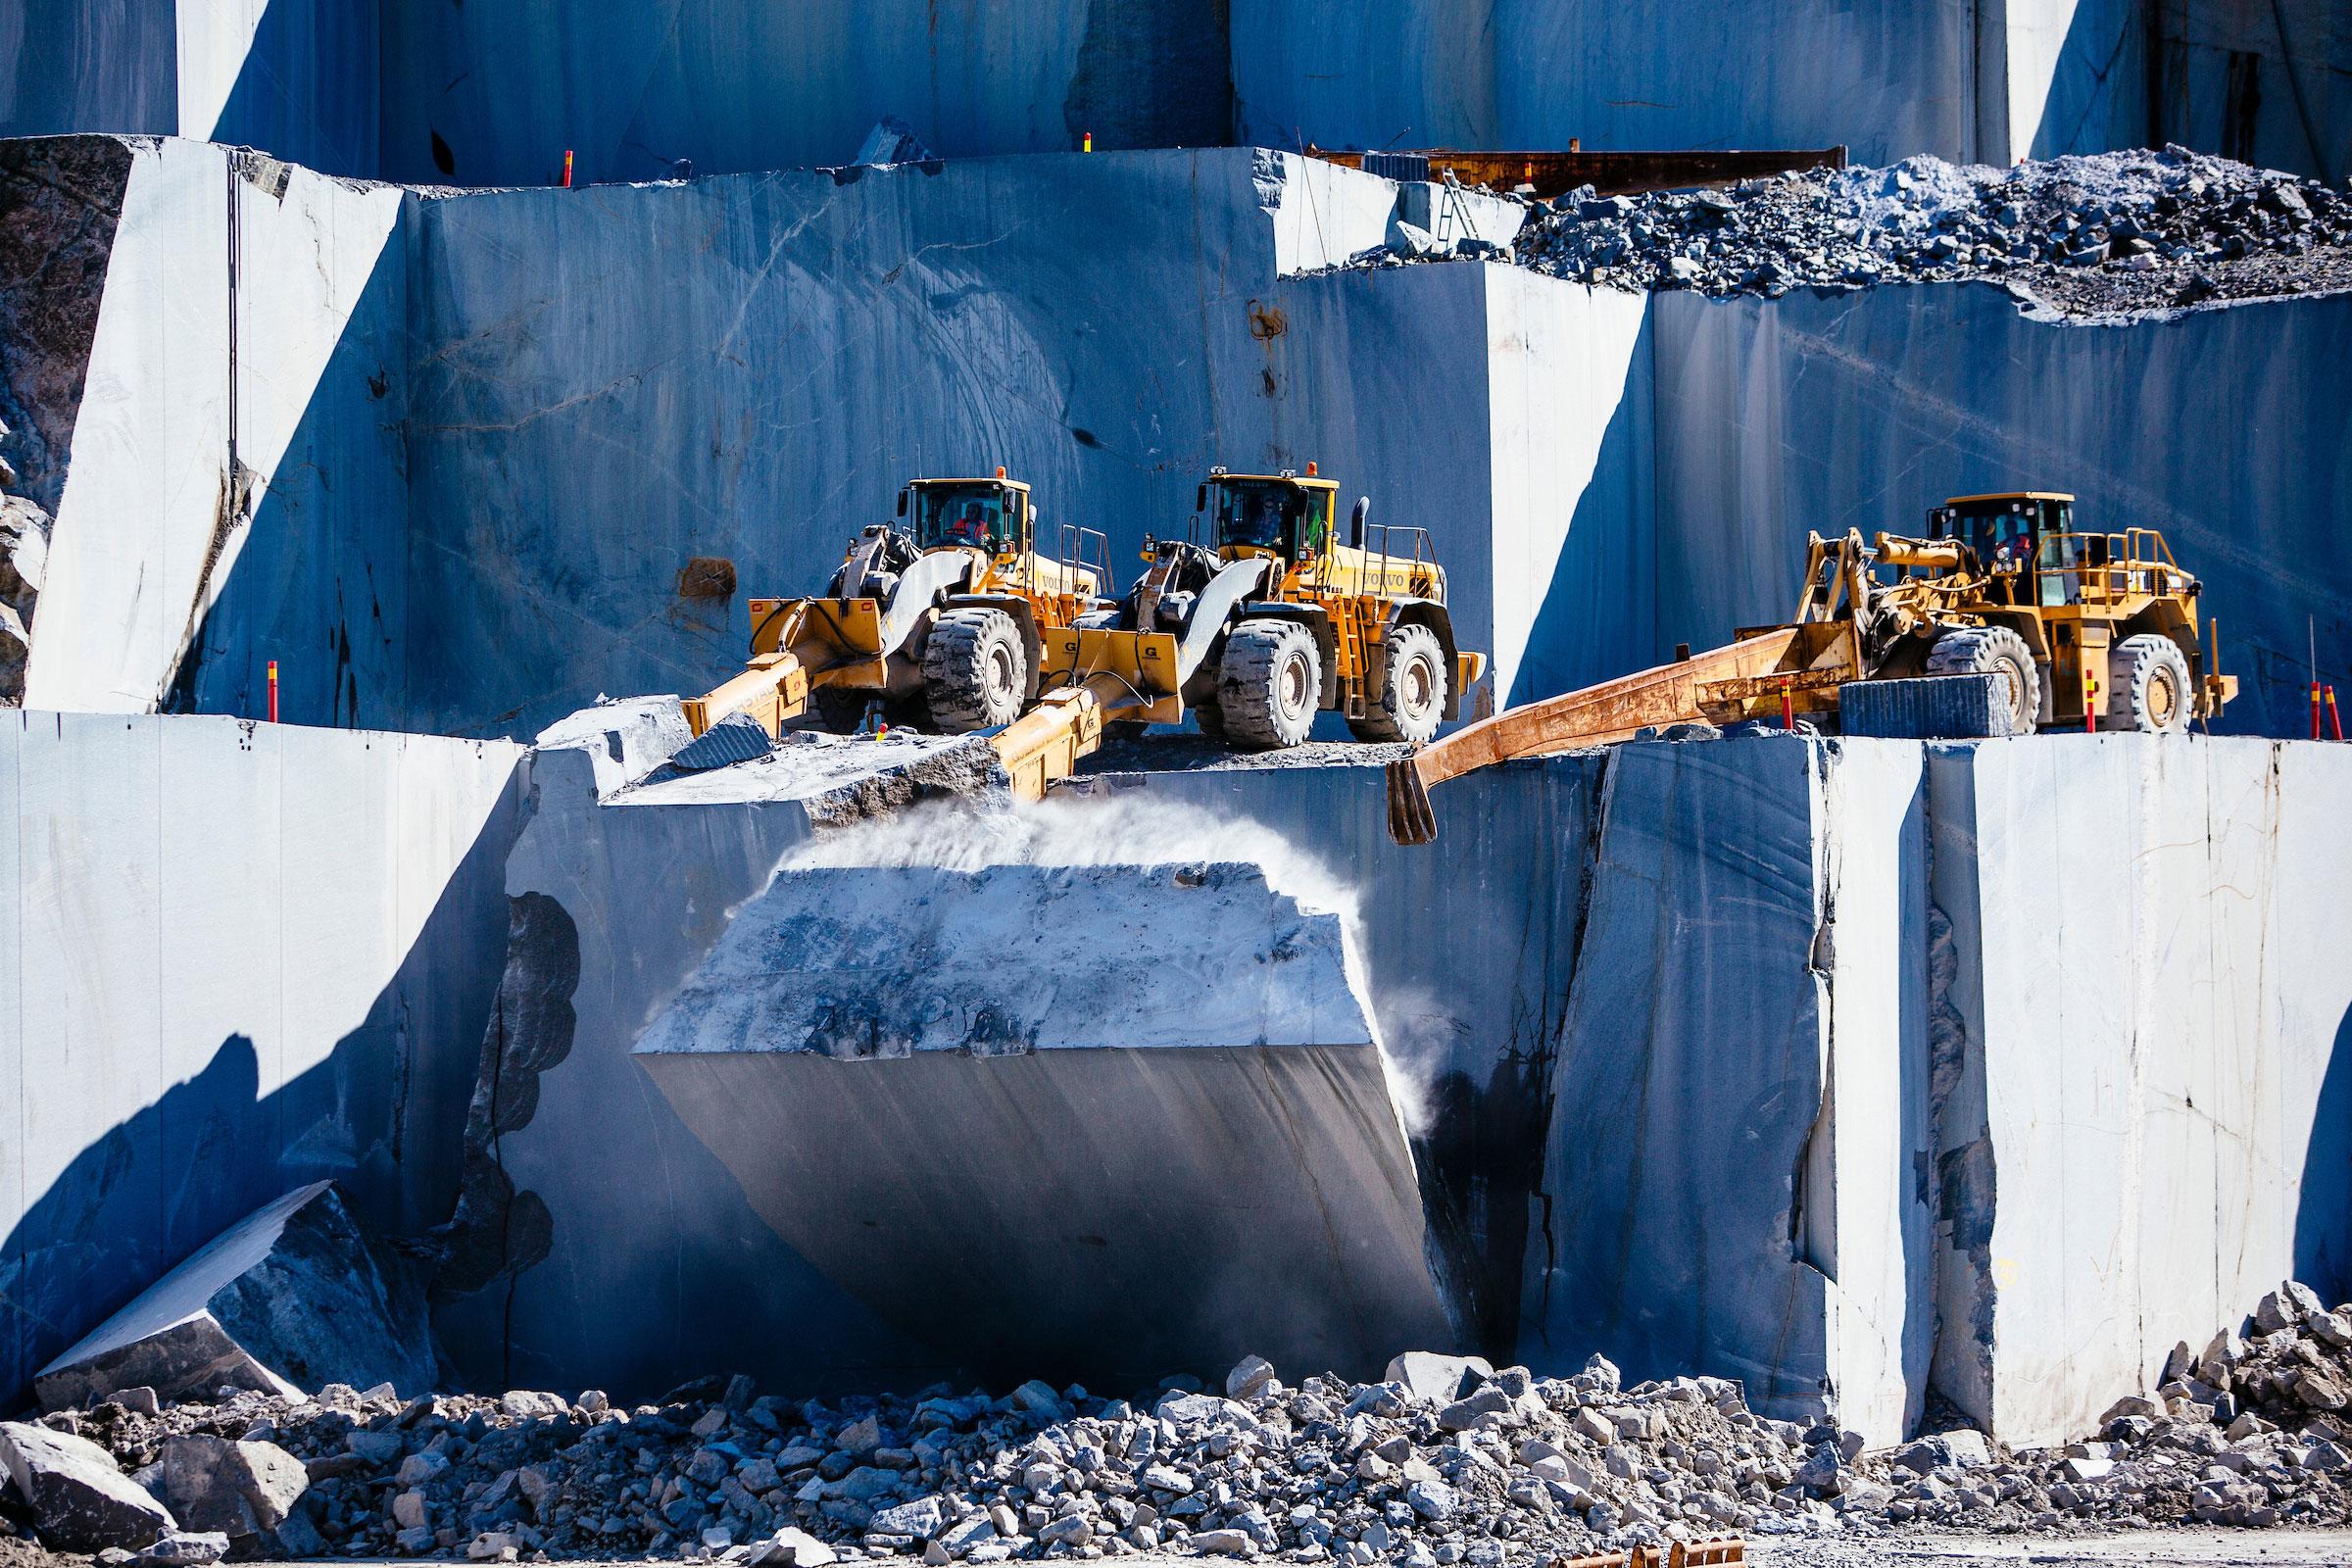 Bildet viser to gravemaskiner under arbeid i steinbruddet.